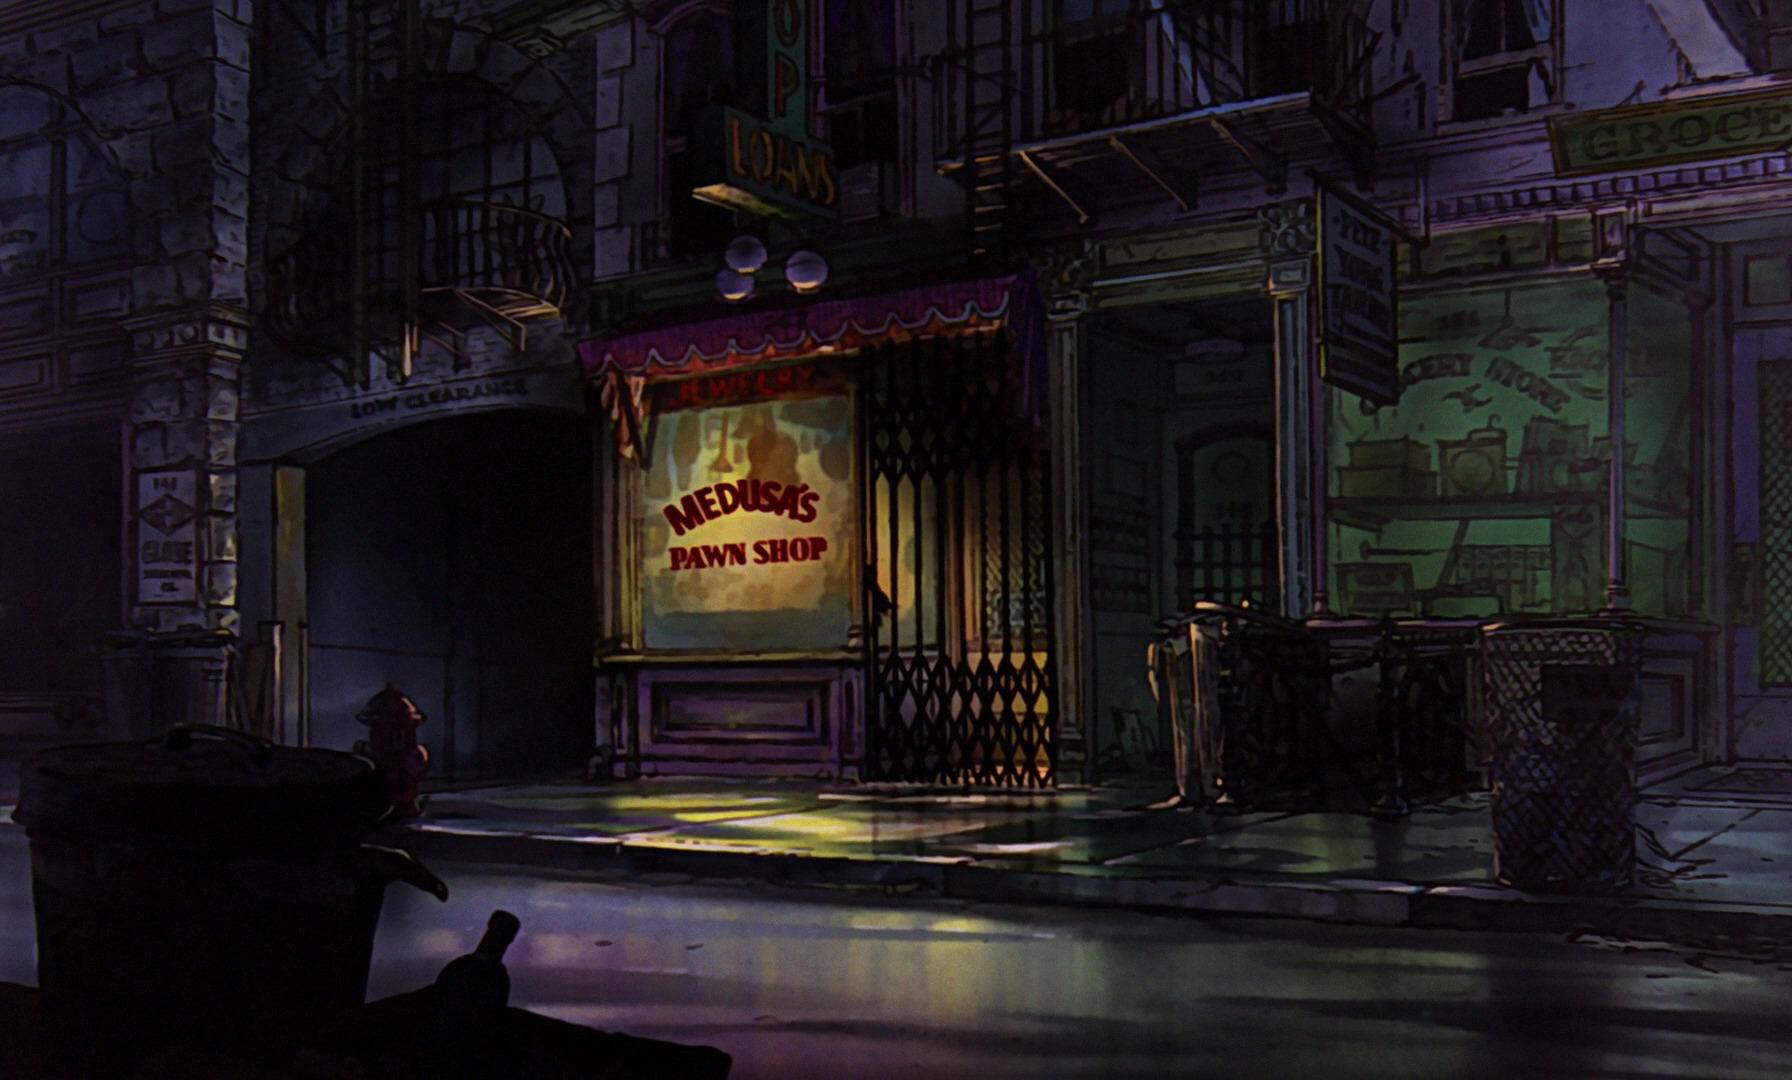 Medusa's Pawn Shop